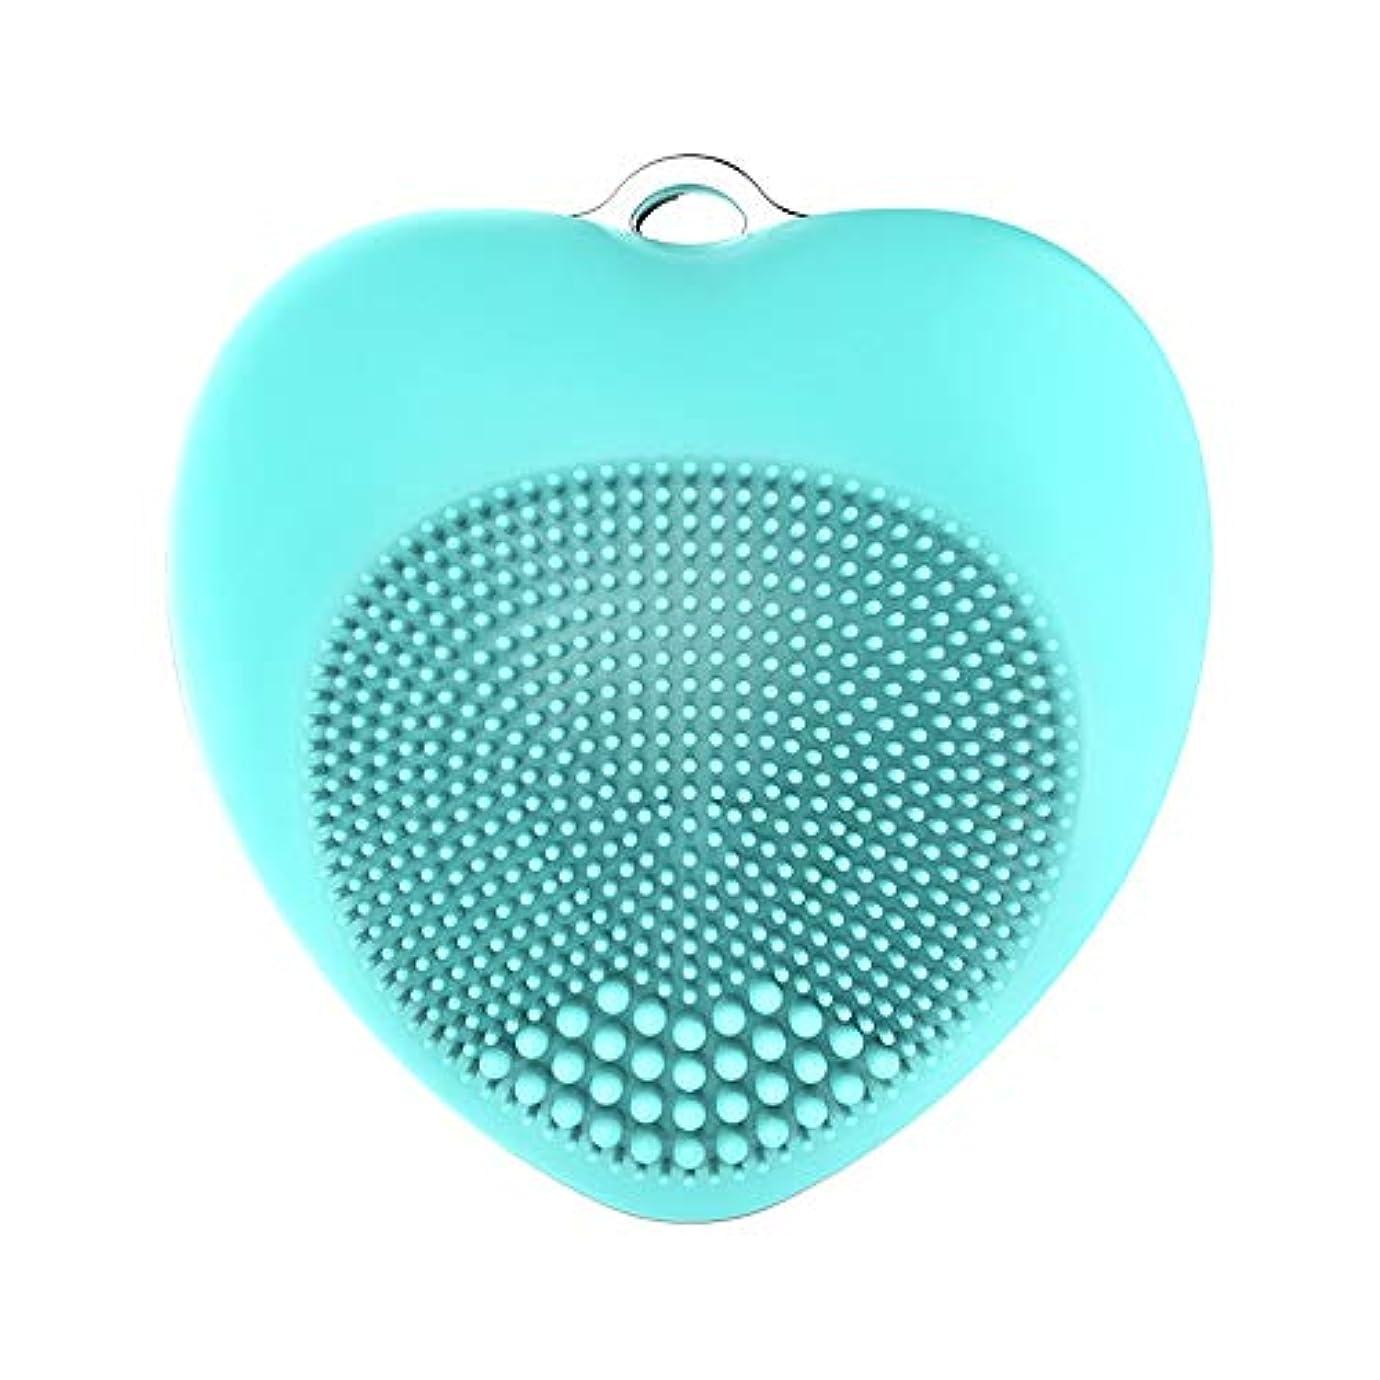 分離するタック昼食LYX 新シリコーンクレンジング器、電気美容機器、毛穴クレンジングブラックヘッドウォッシュブラシ、超音波洗顔マッサージツール (Color : 青)